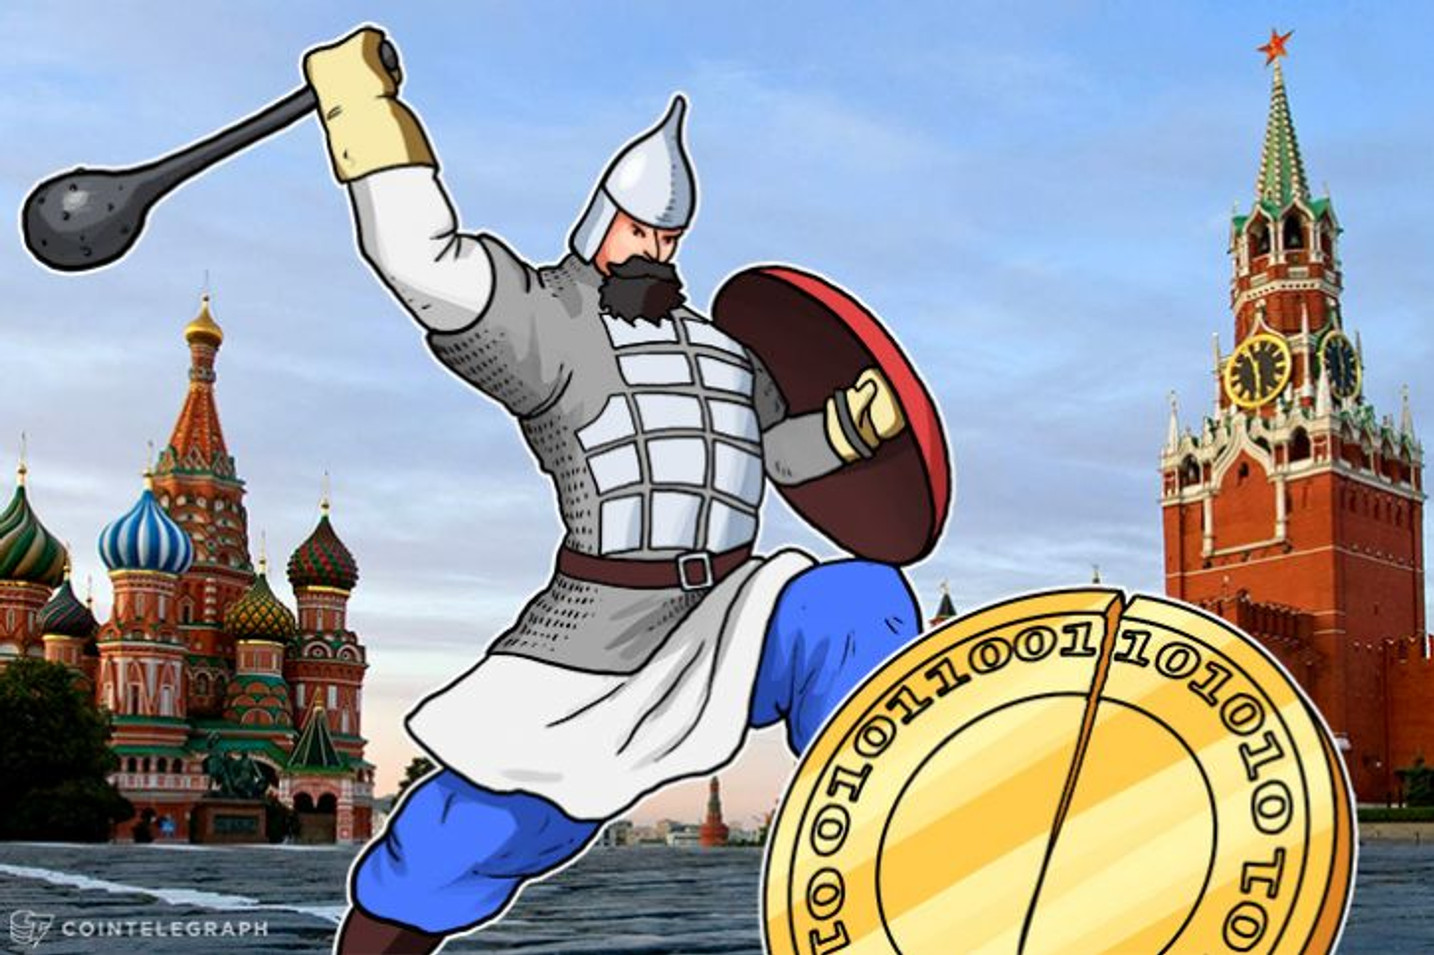 Russische Sachbearbeiter schlagen laxere ICO-Regulieren und Steuervergünstigungen für Kryptowährungen vor